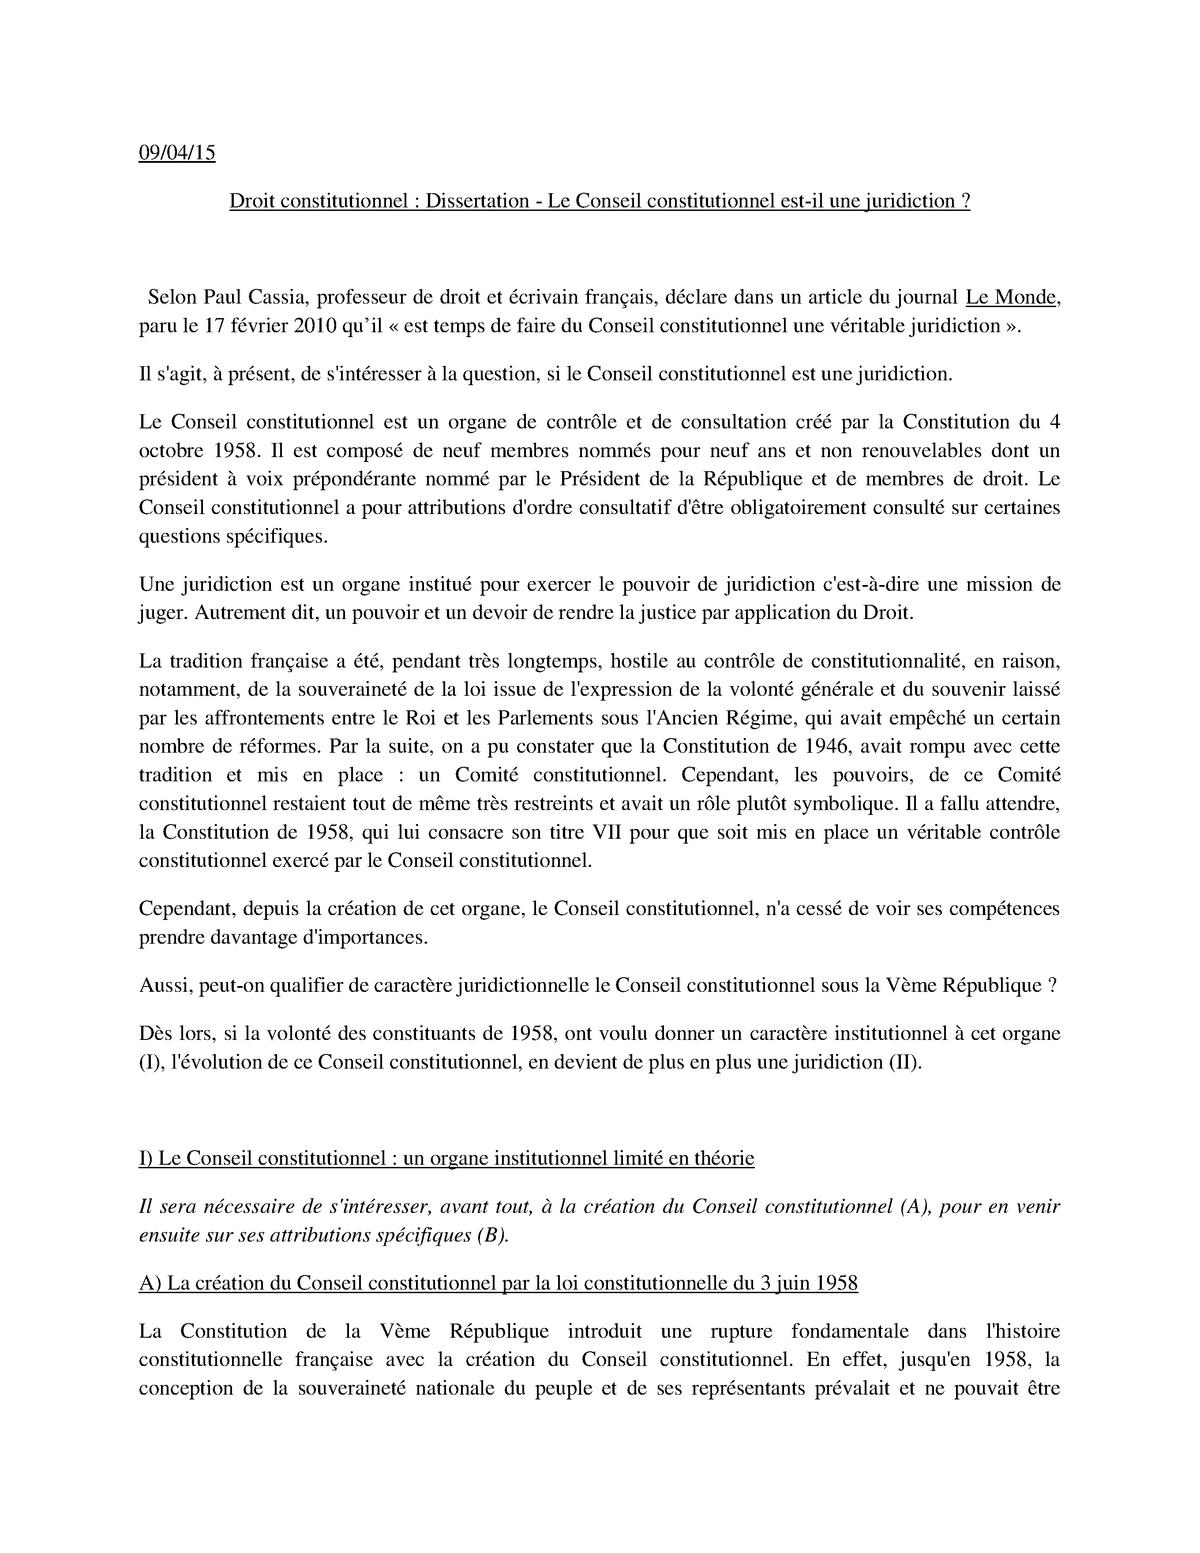 Dissertation De Droit Constitutionnel